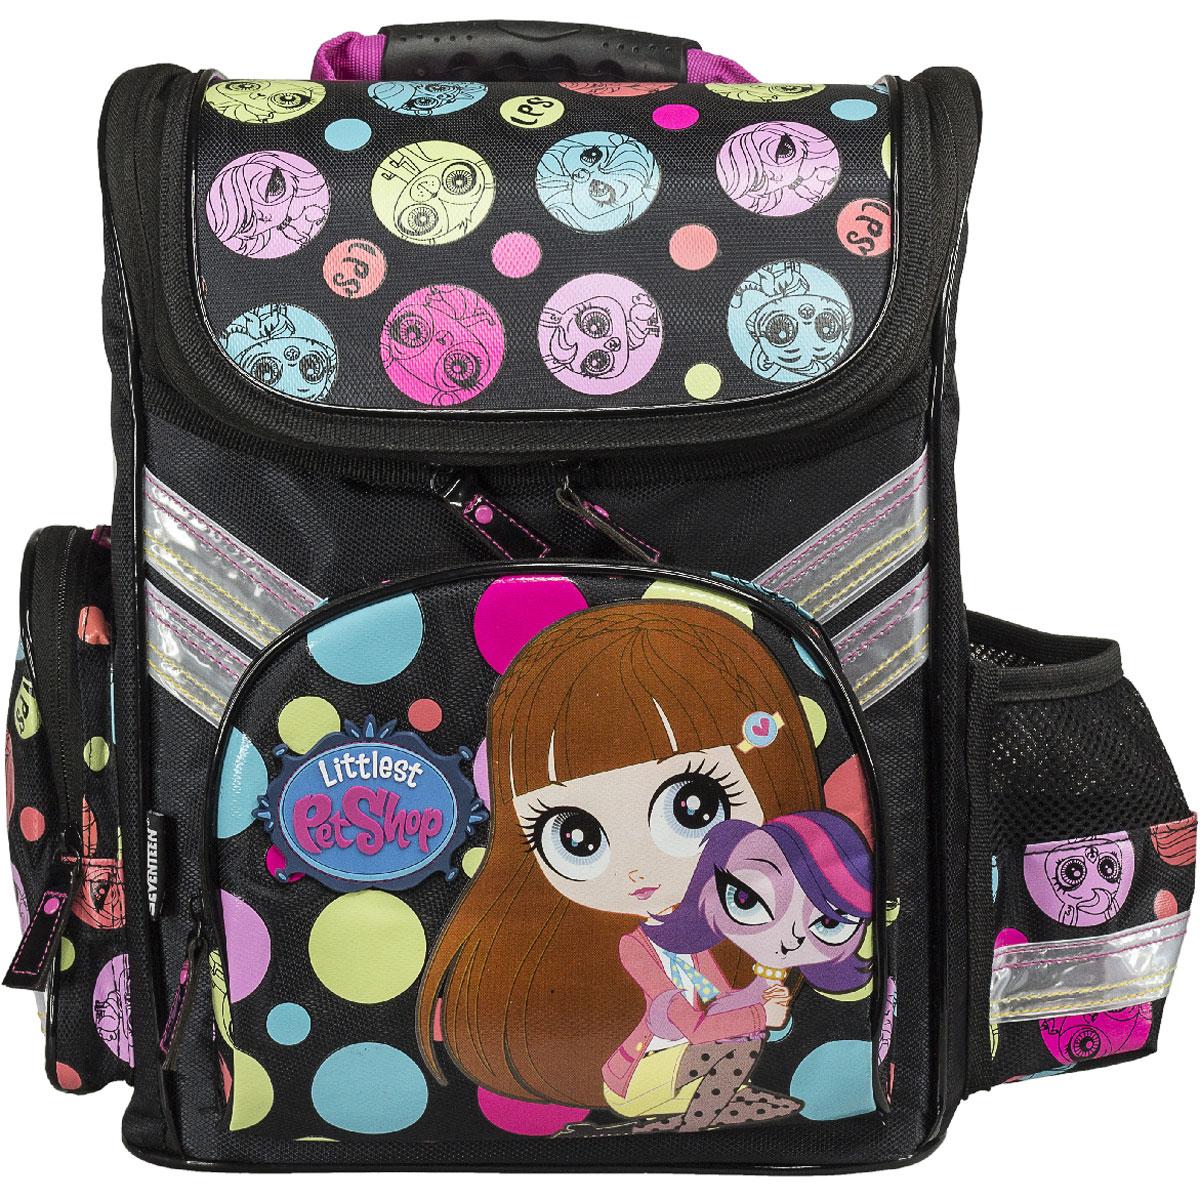 Набор школьницы Littlest Pet Shop. LPCS-UT1-31BOX11359593Вашему вниманию предлагается все самое необходимое для школьника в одном наборе. В состав набора входит рюкзак, пенал и сумка-рюкзак для обуви, выполненные в одном стиле.Школьный ранец выполнен из износоустойчивых материалов с водонепроницаемой основой, декорирован аппликацией и наклейками в стиле мультфильма Littlest Pet Shop.Ранец имеет одно основное отделение, закрывающееся на молнию с двумя бегунками. Ранец полностью раскладывается. Внутри отделения расположены два разделителя с утягивающей резинкой, предназначенные для размещения предметов без сложения, размером до формата А4 включительно. На лицевой стороне ранца расположен накладной карман на молнии. По бокам ранца размещены два дополнительных накладных кармана, один на застежке-молнии и один открытый. Рельеф спинки ранца разработан с учетом особенности детского позвоночника.Ранец оснащен удобной ручкой для переноски и двумя широкими лямками регулируемой длины. Дно ранца защищено пластиковыми ножками.Сумка-рюкзак для обуви с одним отделением. Сумка выполнена из прочного водонепроницаемого полиэстера и содержит одно вместительное отделение, затягивающееся с помощью текстильных шнурков. Шнурки фиксируются в нижней части сумки, благодаря чему ее можно носить за спиной как рюкзак. Размер сумки: 41 х 34. Пенал твердый на молнии с одним отделением и дополнительным клапаном. Внутри пенала 21 отделение под пишущие принадлежности и 9 отделений на клапане. Размер пенала: 21 х 14 х 4.